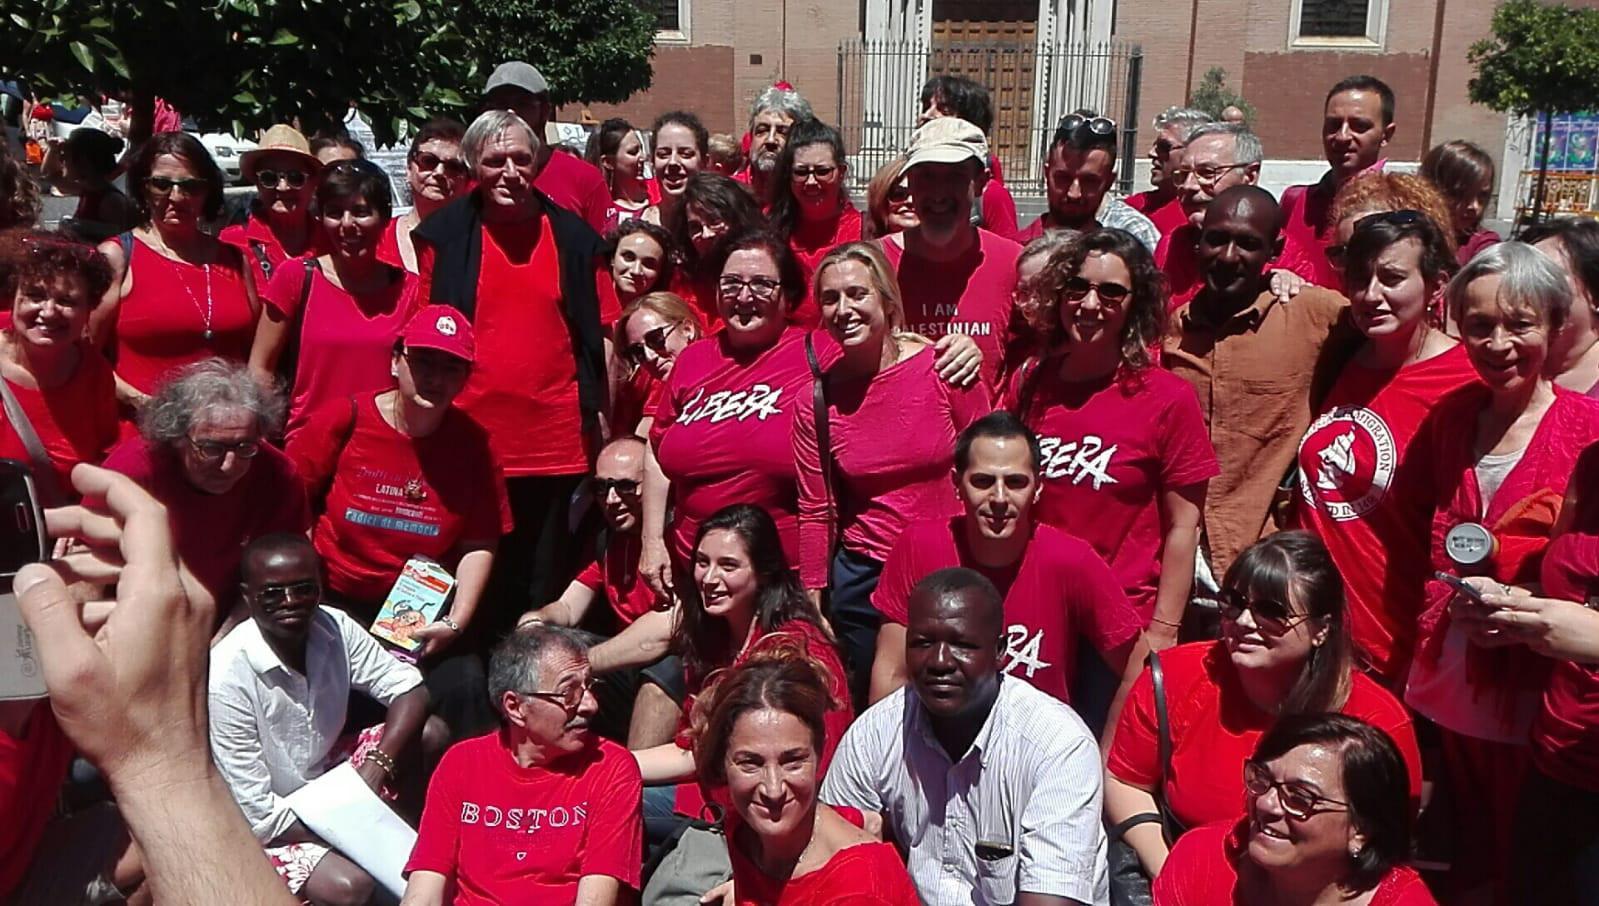 Migranti: Libera, un paese colorato di magliette rosse